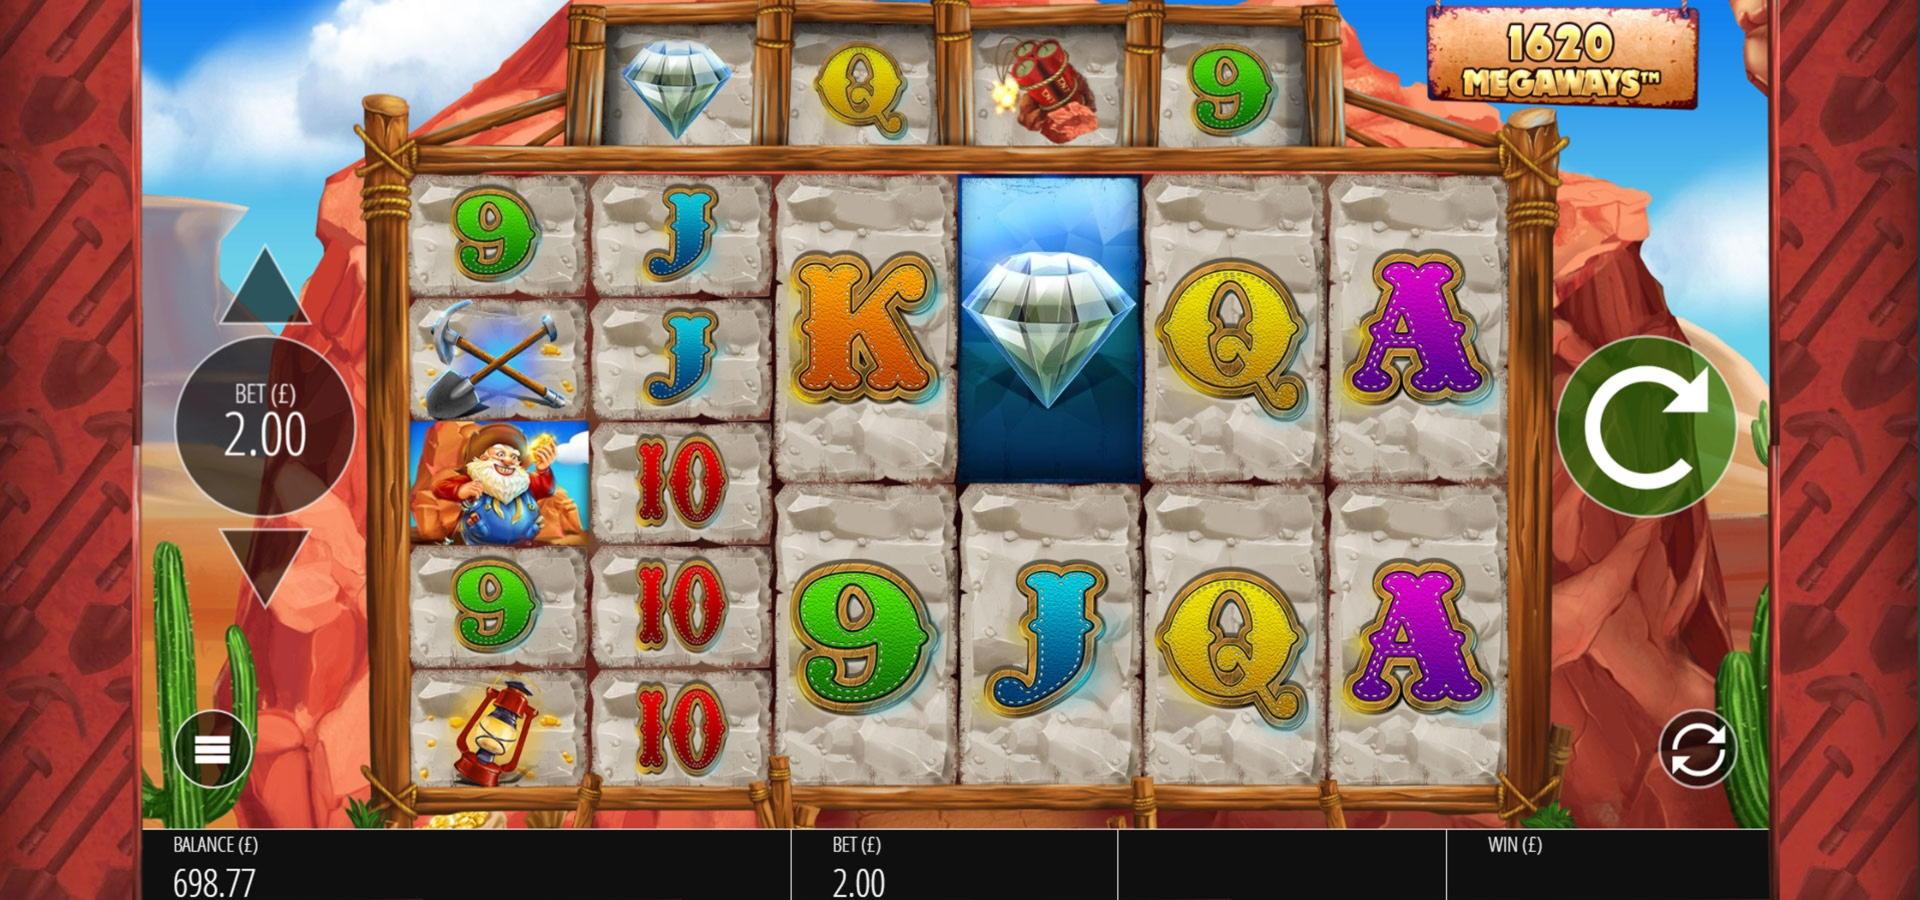 210٪ Casino match bonus at Red Stag